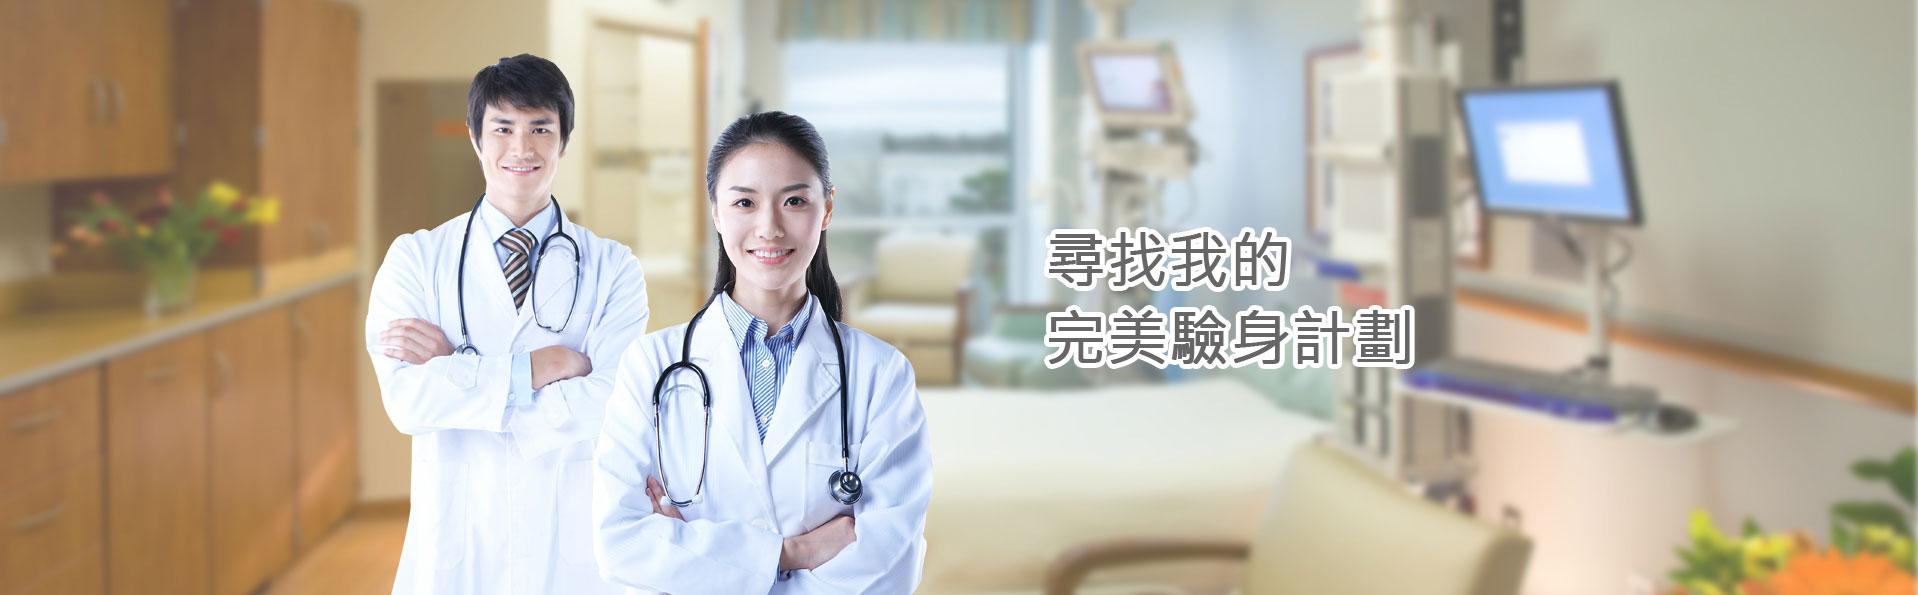 Medtimes 時代醫療集團:官方網站